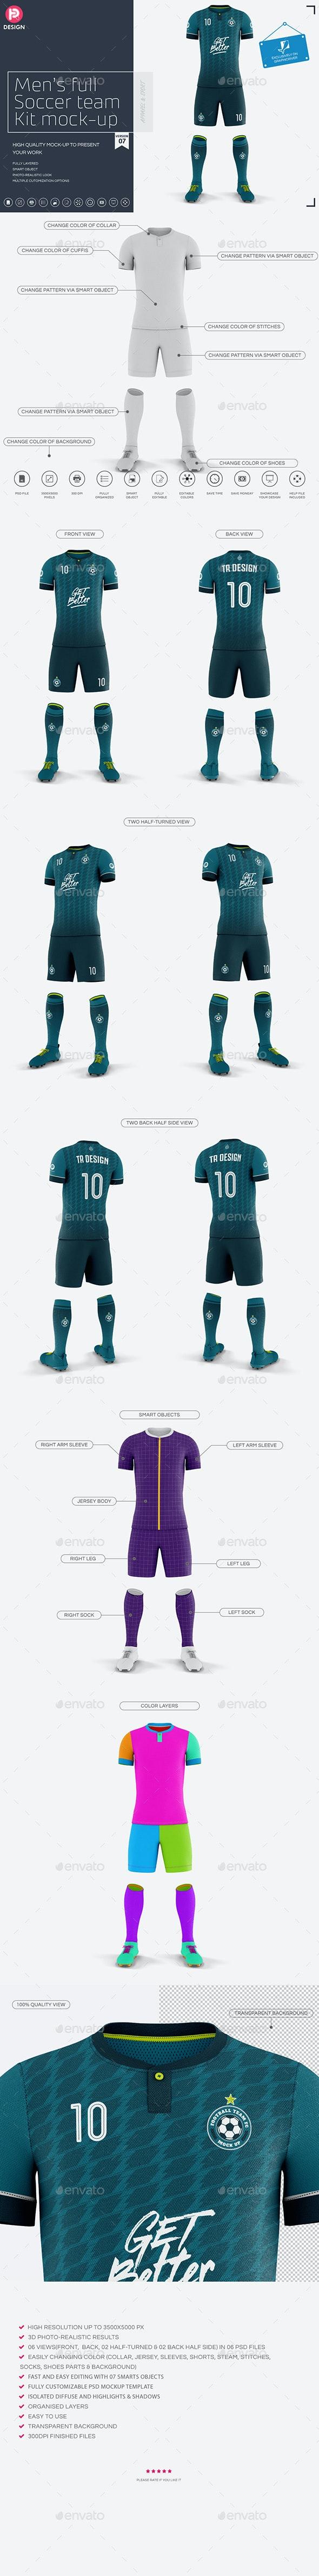 Men's Full Soccer Team Kit Mockup V7 - Miscellaneous Product Mock-Ups